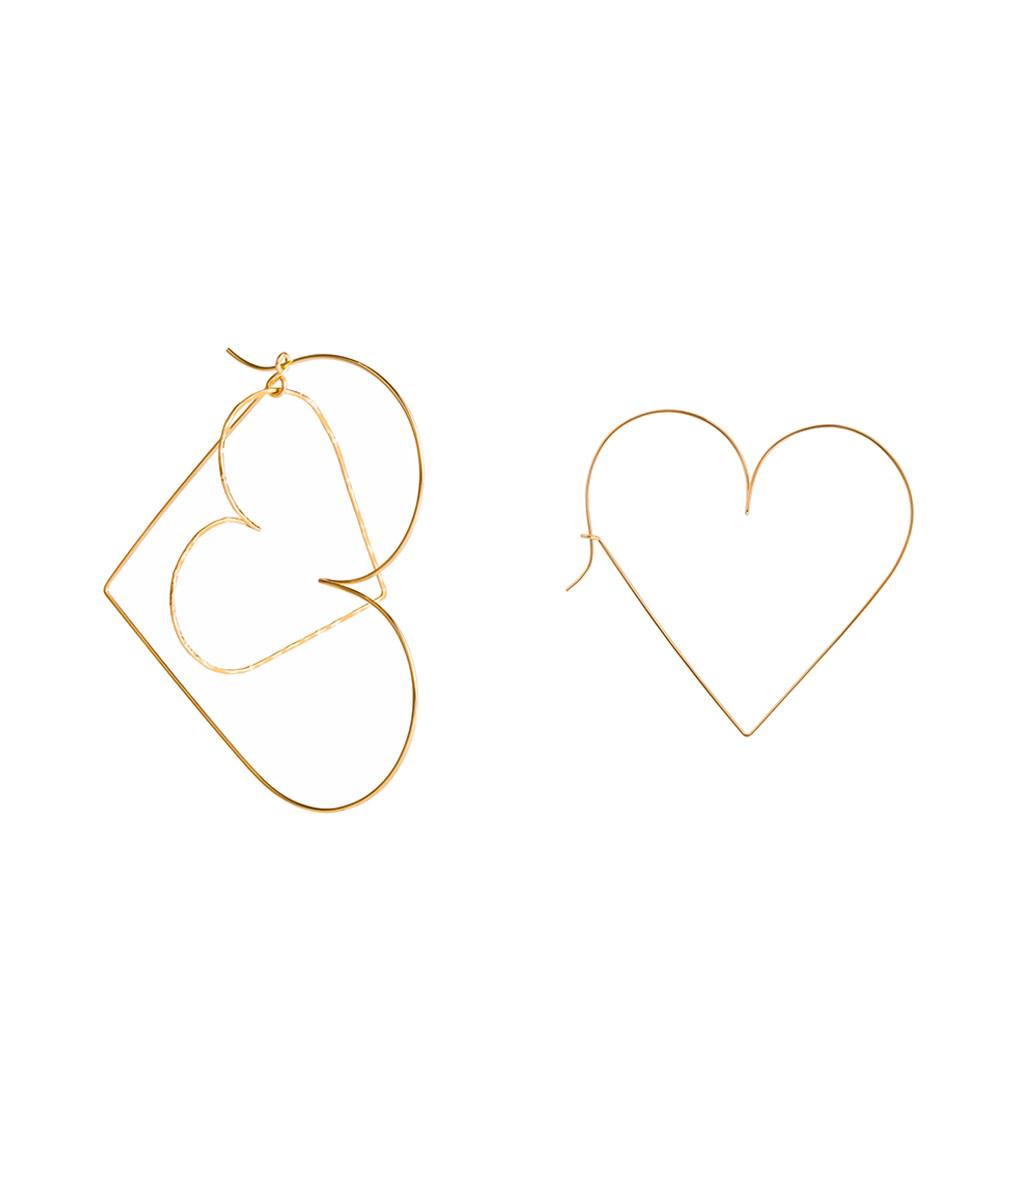 ATELIER PAULIN - Créoles Cœur à Prendre Gold Filled 14K